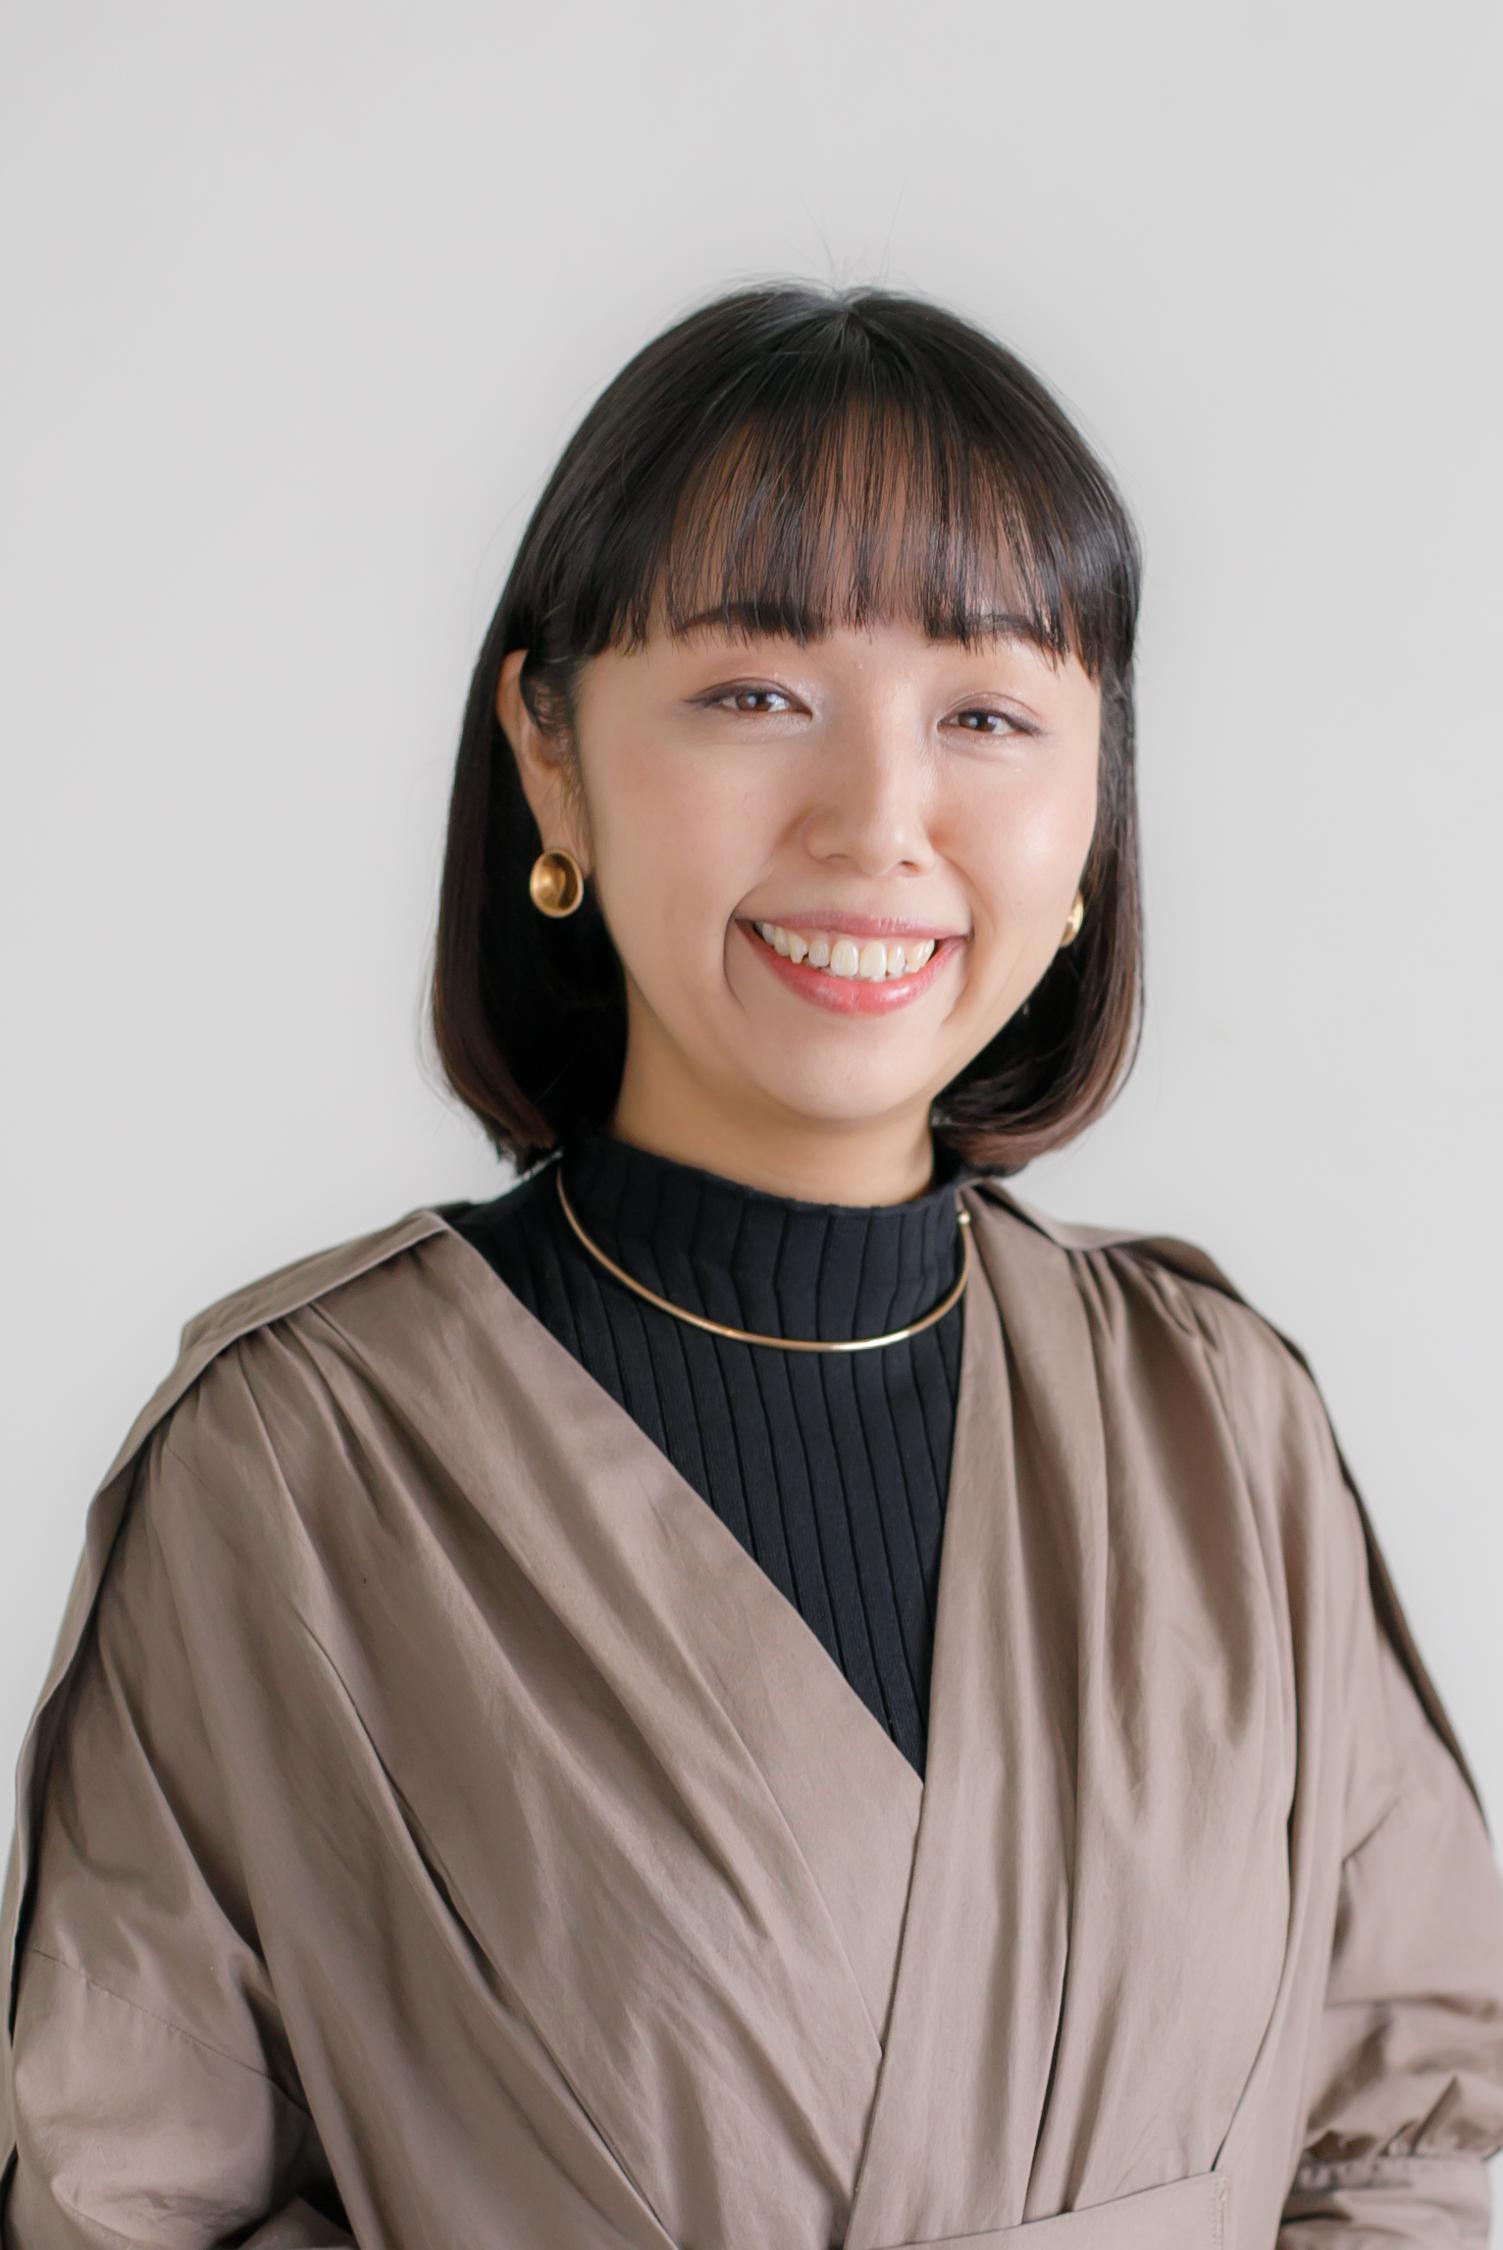 宮原 真美子/ミヤハラ マミコ